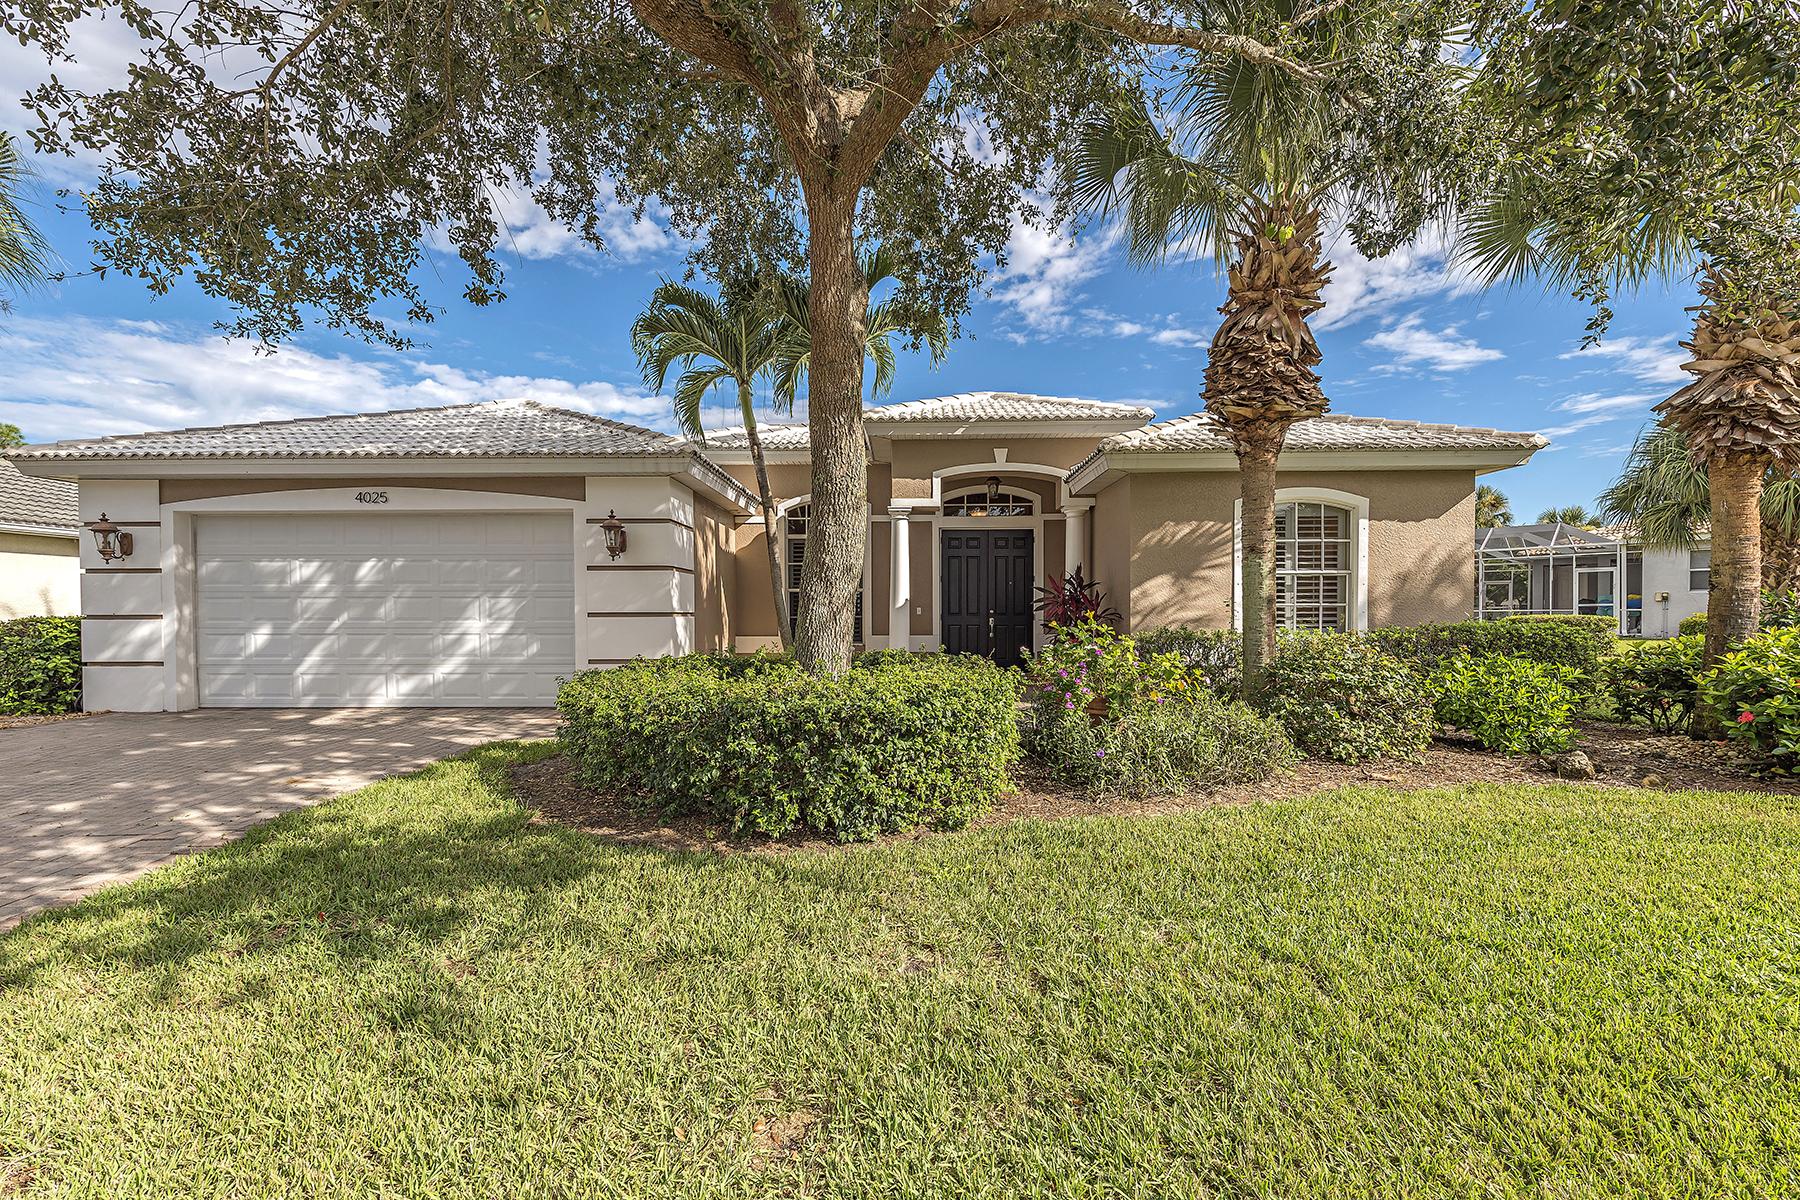 Nhà ở một gia đình vì Bán tại FOREST PARK 4025 Stow Way Naples, Florida, 34116 Hoa Kỳ